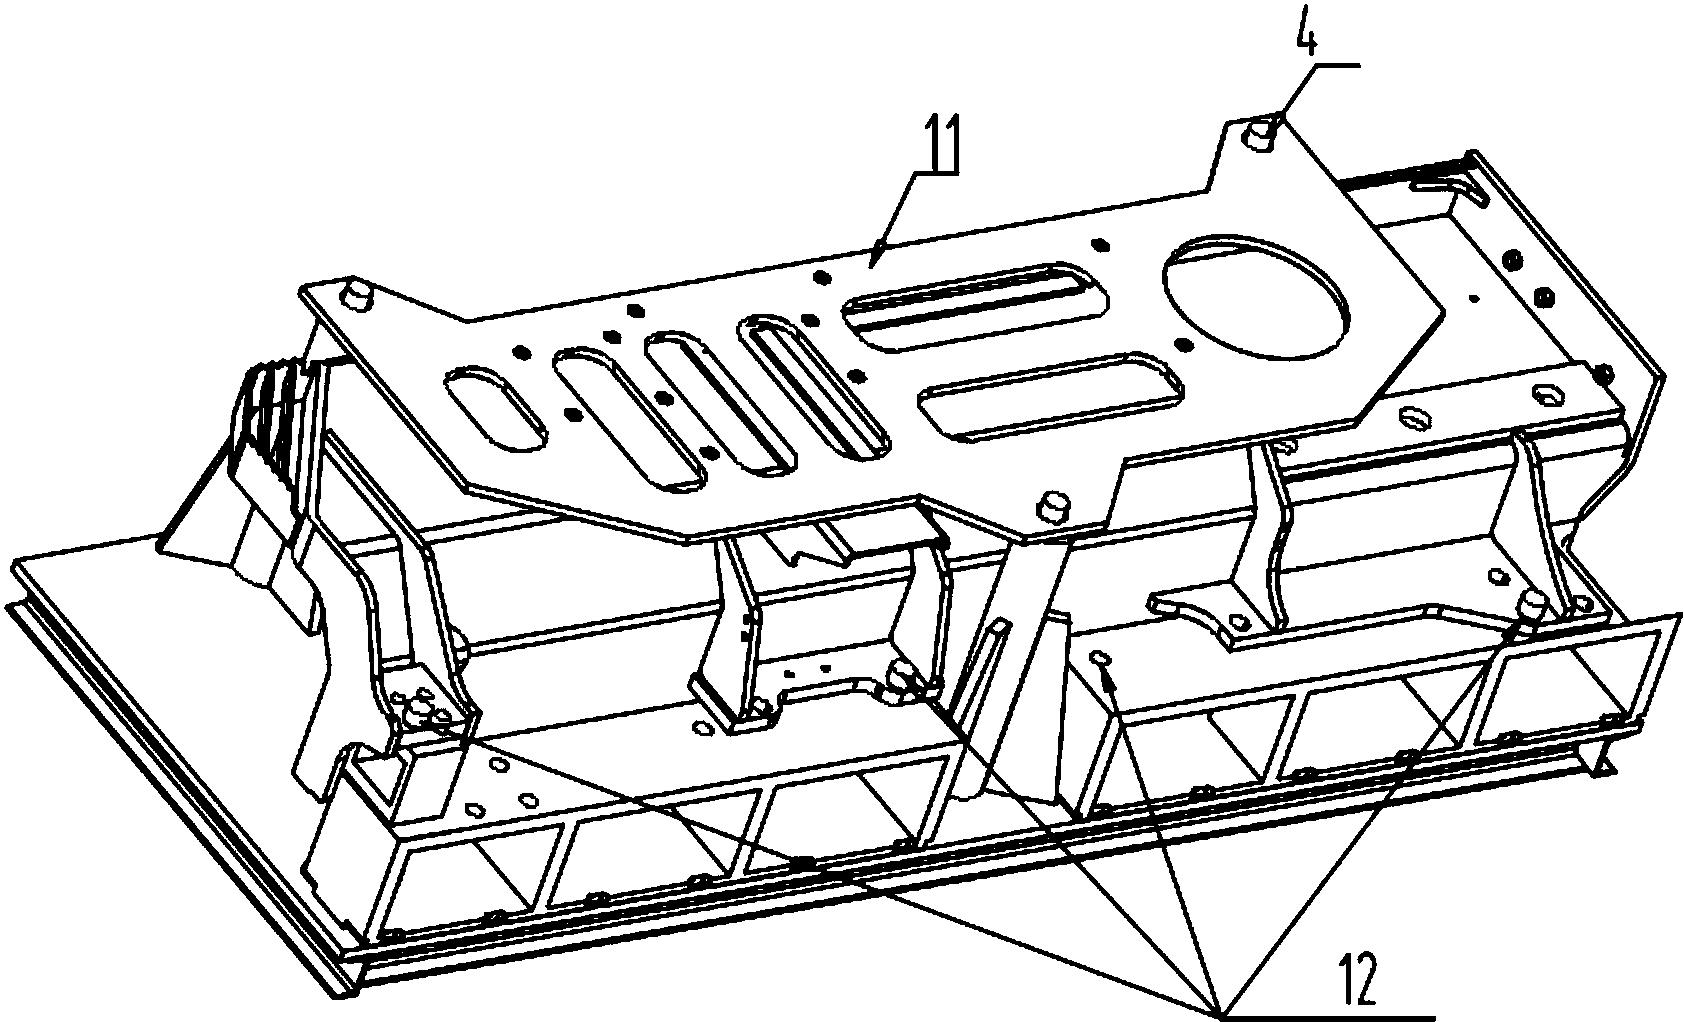 cn207086986u_一种推土机用翼板精密钻孔工装有效